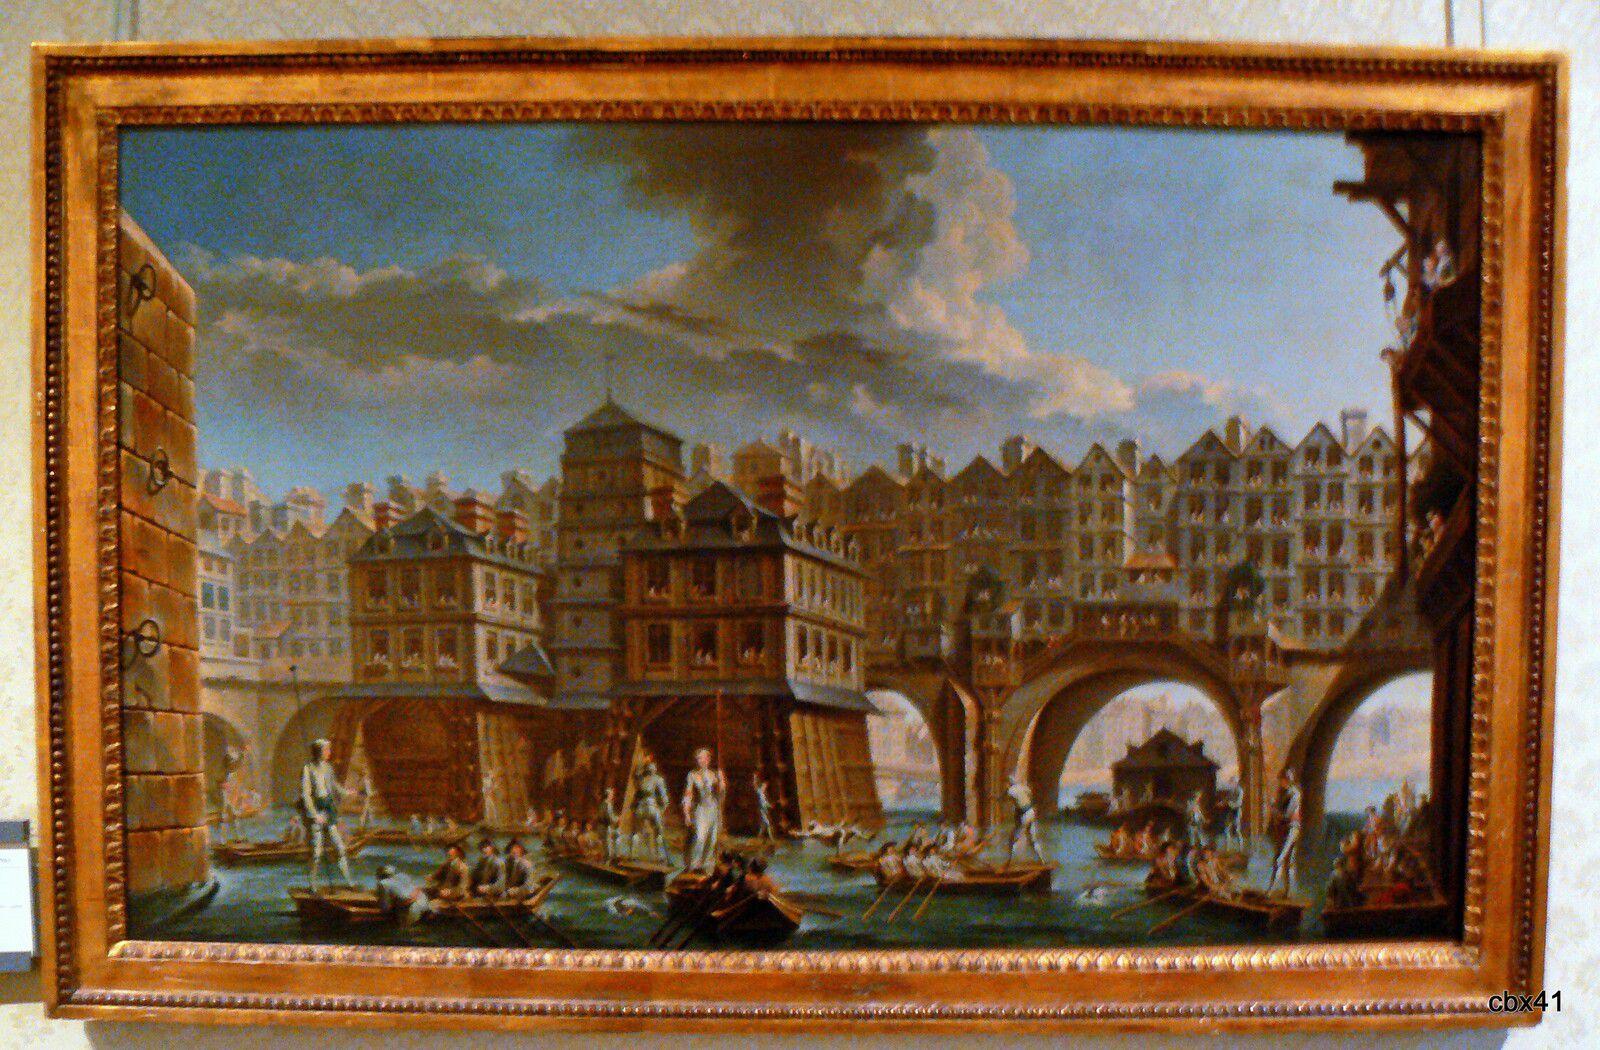 Nicolas-Jean-Baptiste Raguenet, Vues de Paris (1/2)